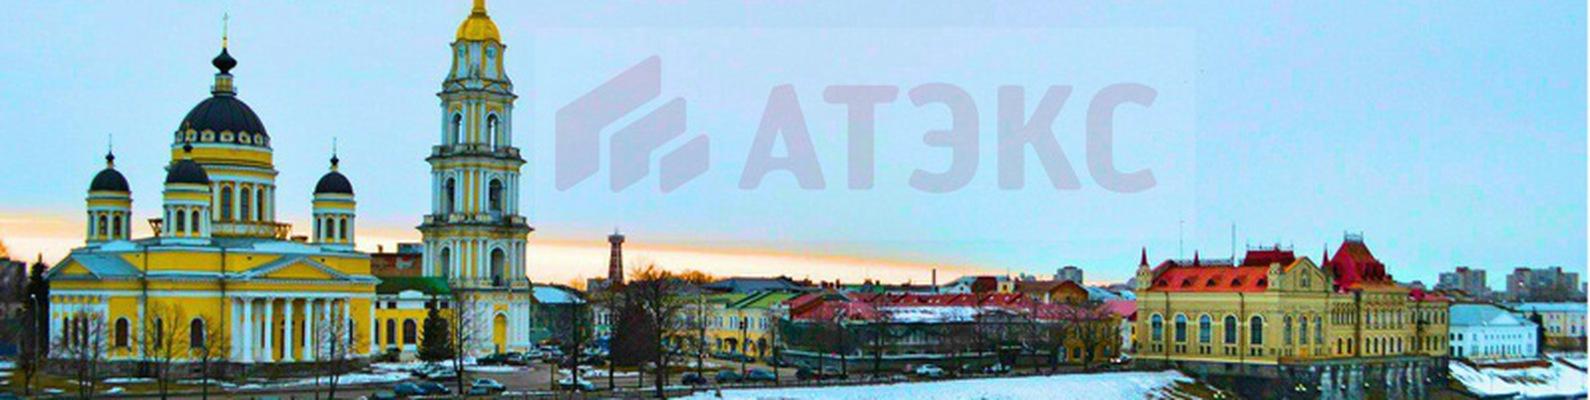 АТЭКС ТВ  ООО Рыбинск  телефон адрес контакты